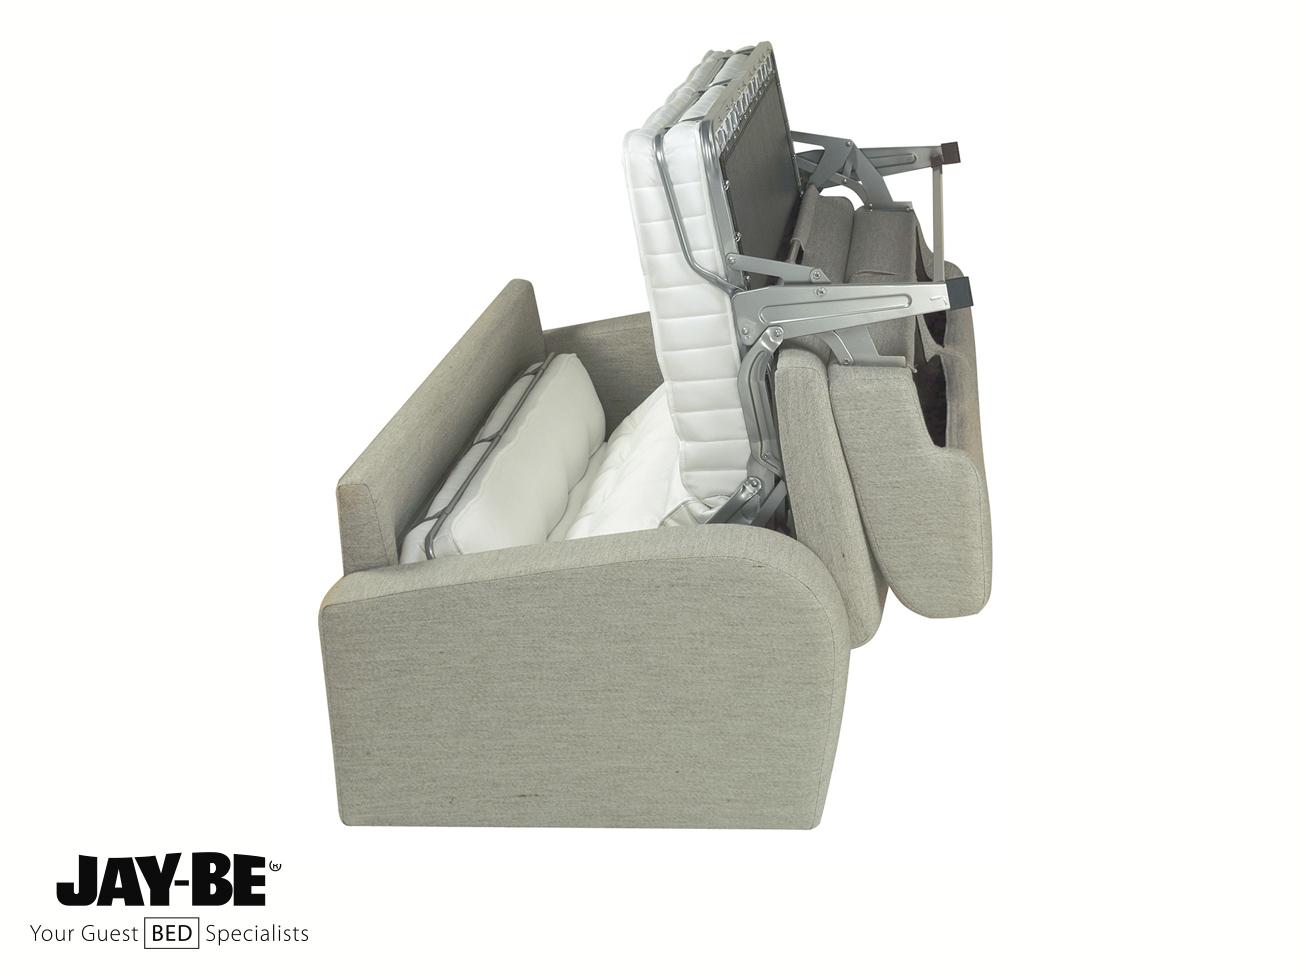 Sofa beds northern ireland be retailer belfast n ireland for Sofa bed ireland